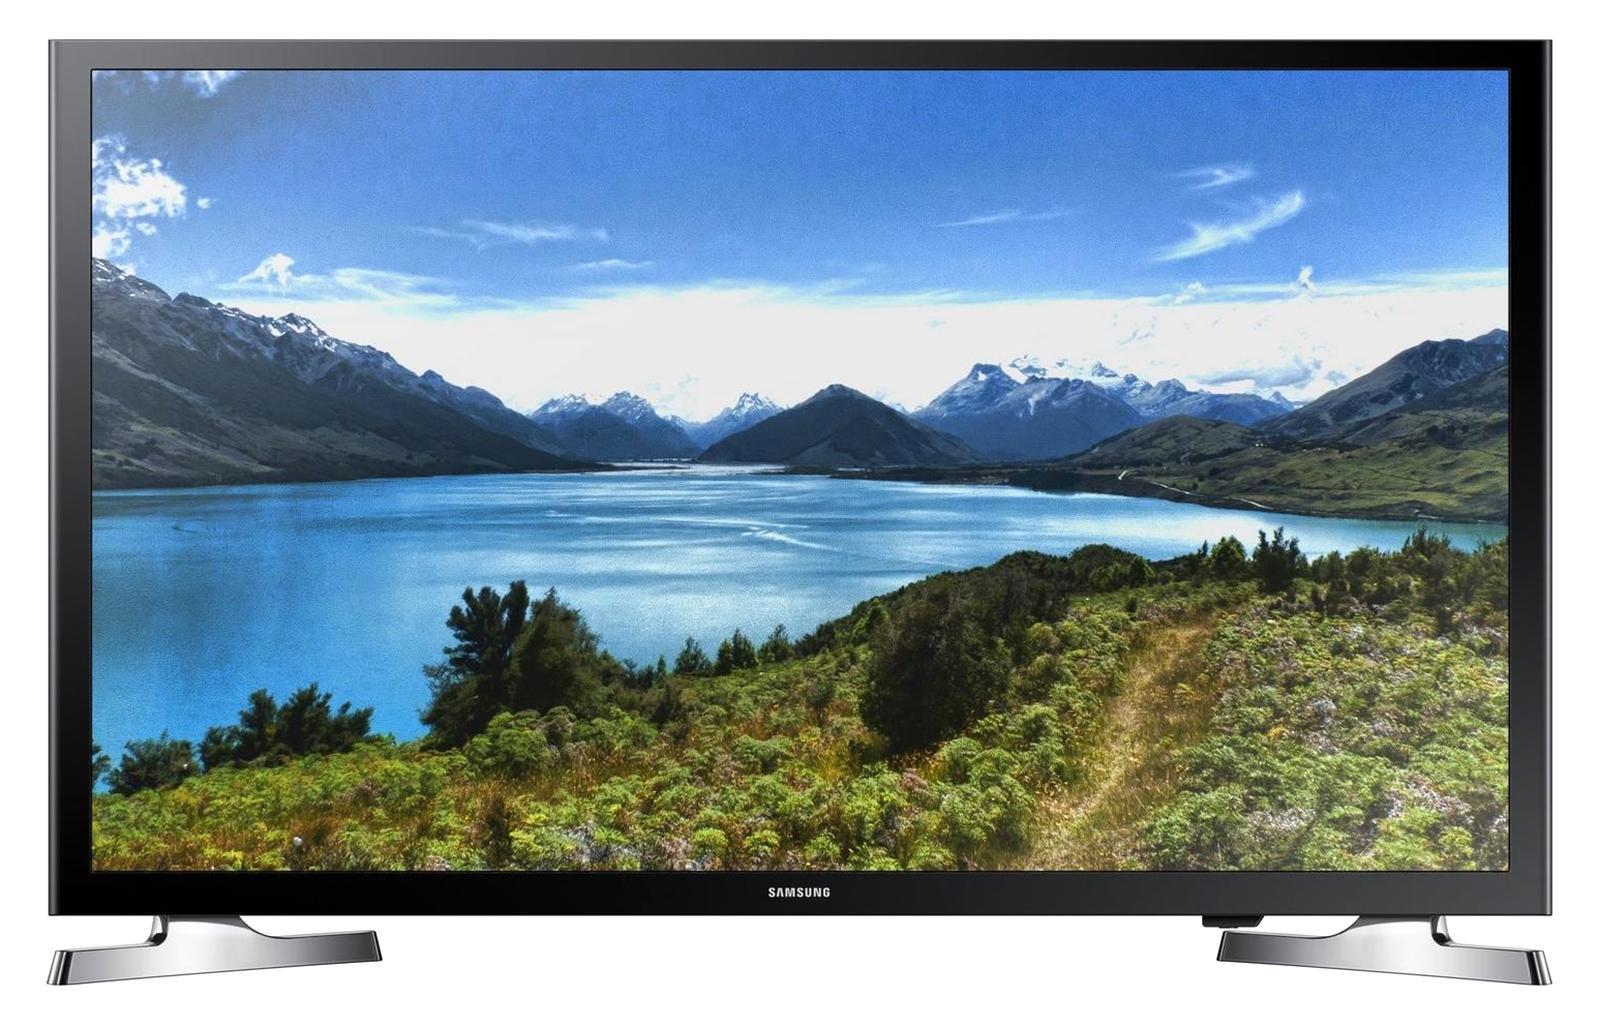 Samsung UE-32J4500AKX телевизор32J4500Новый Smart телевизор Samsung исключительно прост в использовании. Новый пользовательский интерфейс интуитивно понятен и включает только то, что вам нужно. Возможность обмена контентом между телевизором и мобильными устройствами и наоборот стала еще удобнее. А поскольку телевизор работает на новой ОС Tizen, для вас открывается бесконечное разнообразие нового контента.Благодаря функции ConnectShare Movie вы можете просто вставить ваш USB-накопитель или жесткий диск в USB-разъем телевизора, чтобы записанные на носителе фильмы, фото или музыка начали воспроизводиться на экране телевизора.